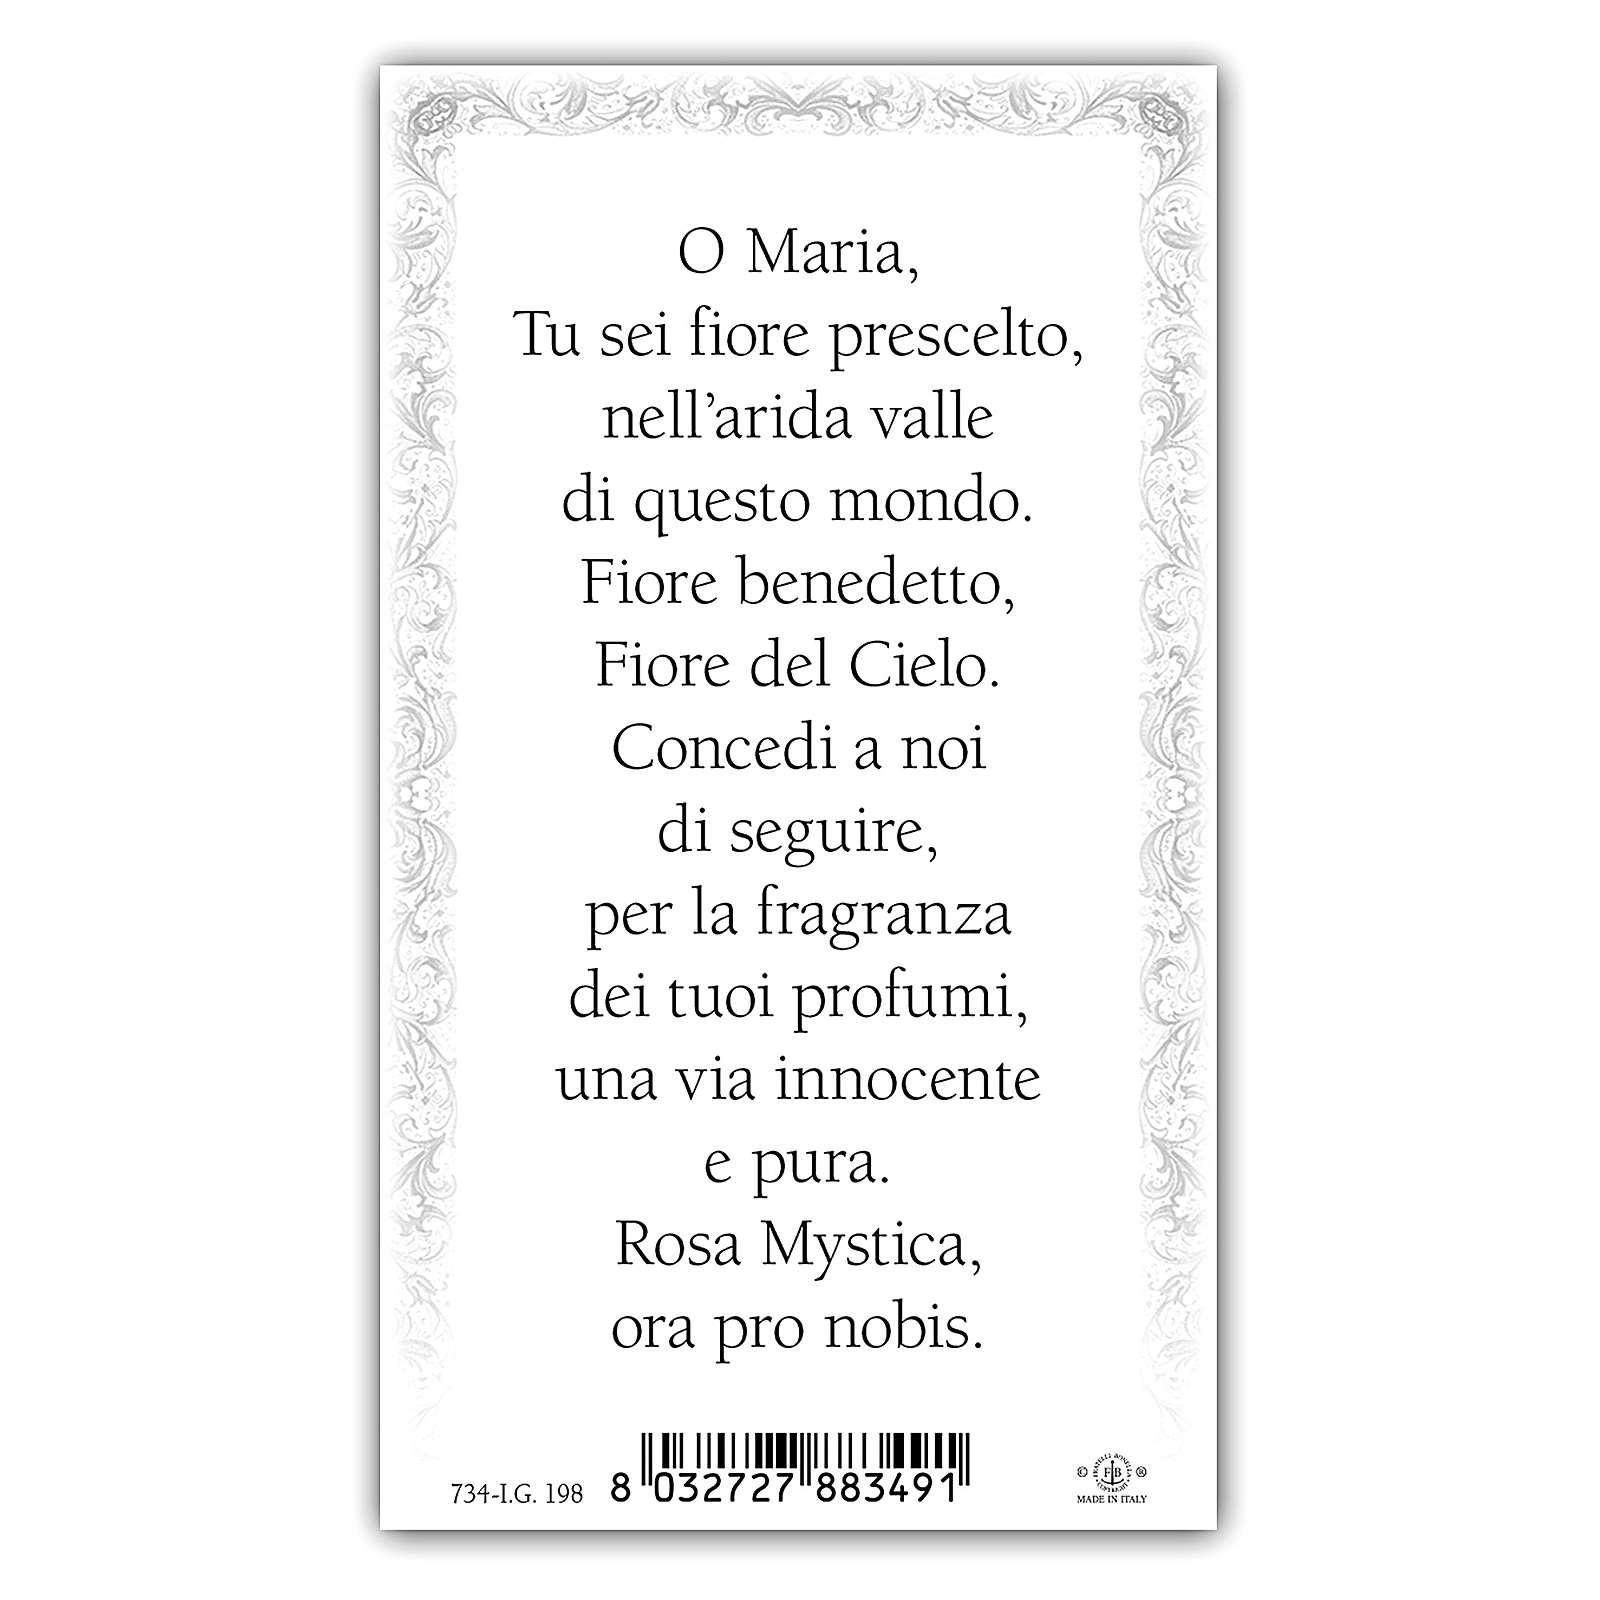 Santino Maria Rosa Mistica 10x5 cm ITA 4